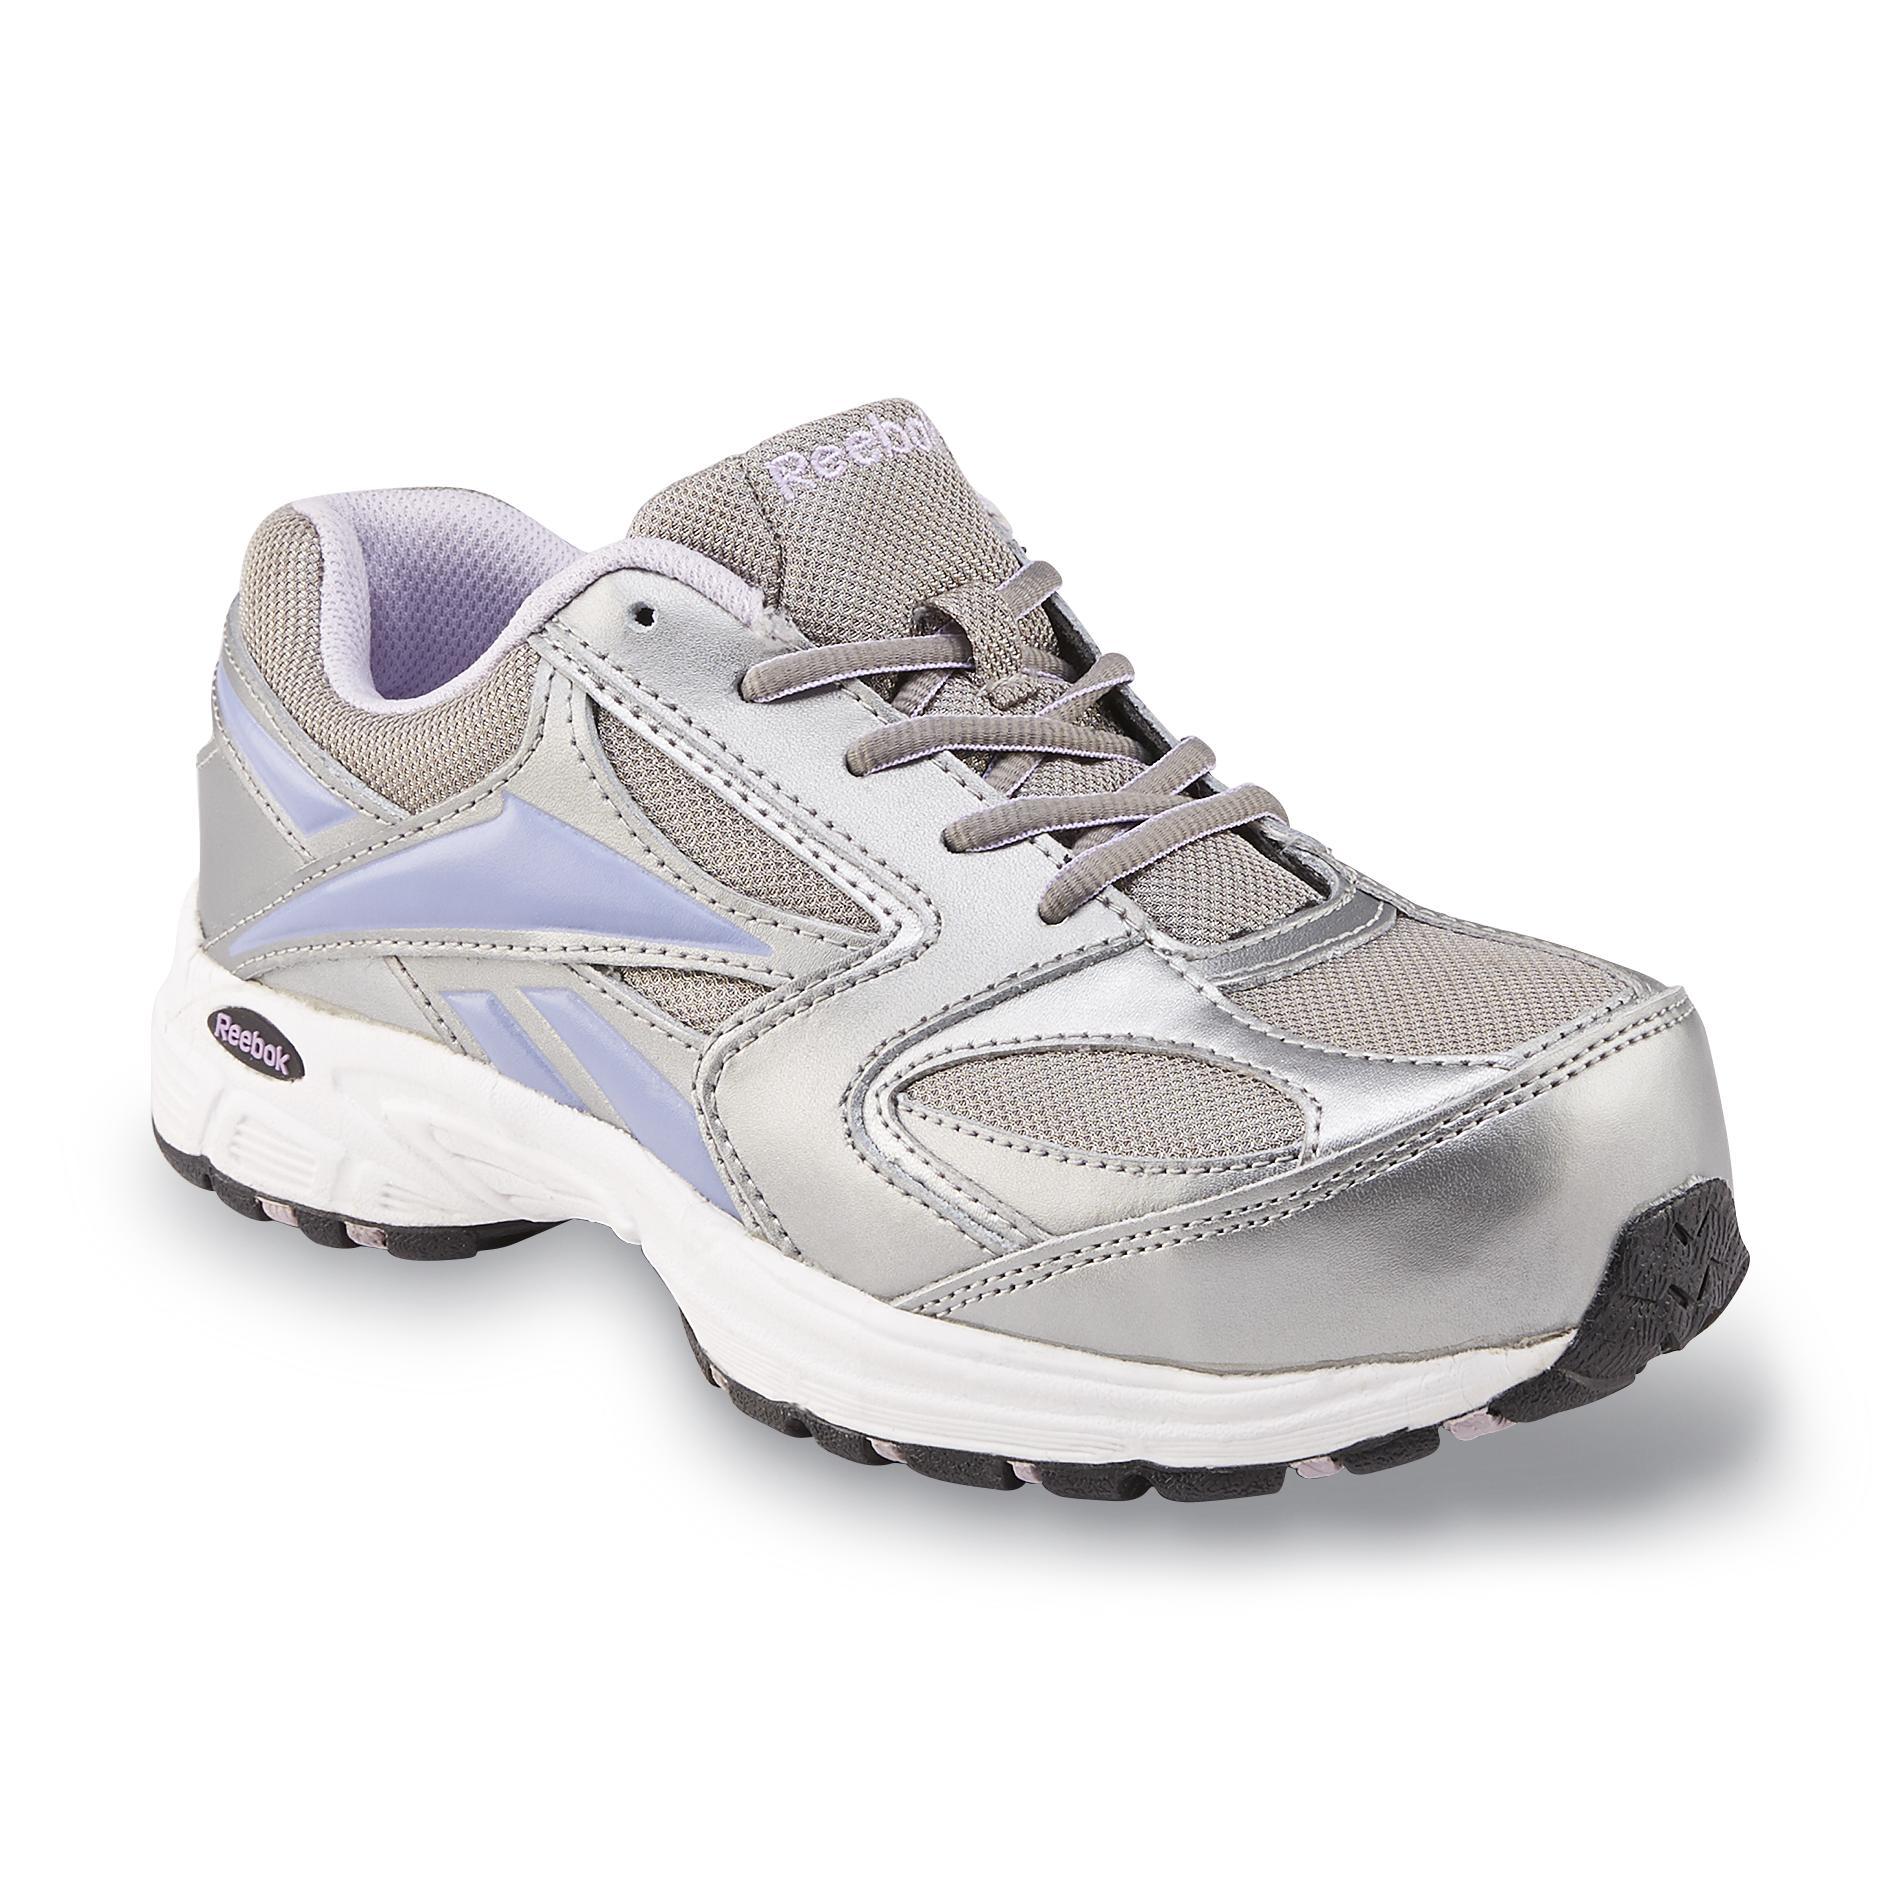 Reebok Work Women's Composite Toe Work Shoe (Grey/Purple, Wide Width Available) $19.99 + Free Store Pickup ~ Sears